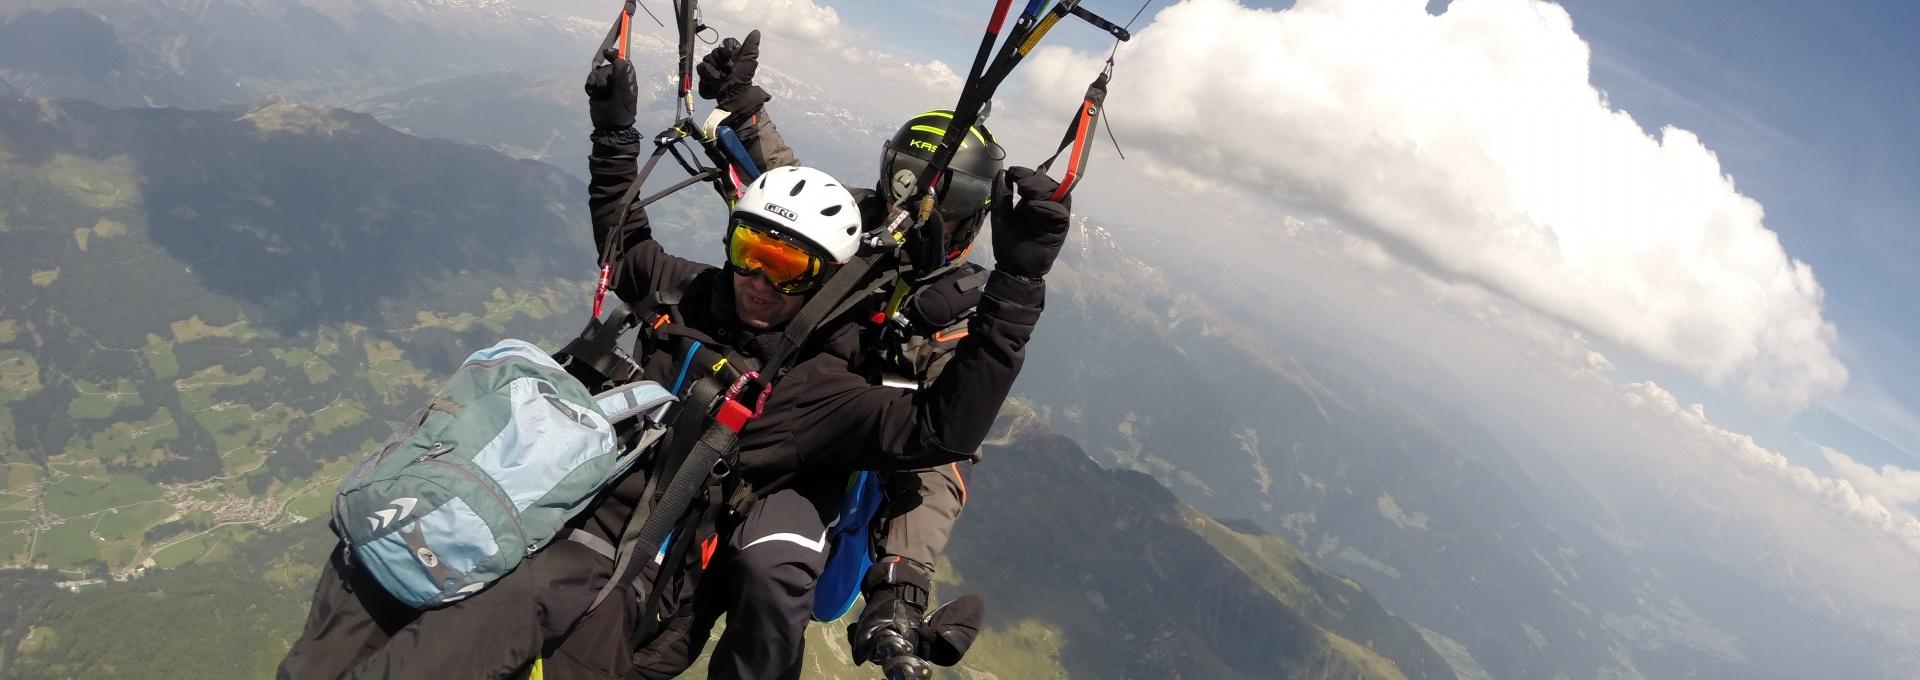 Paragliding Tandem Flight Val Pusteria - Pustertal